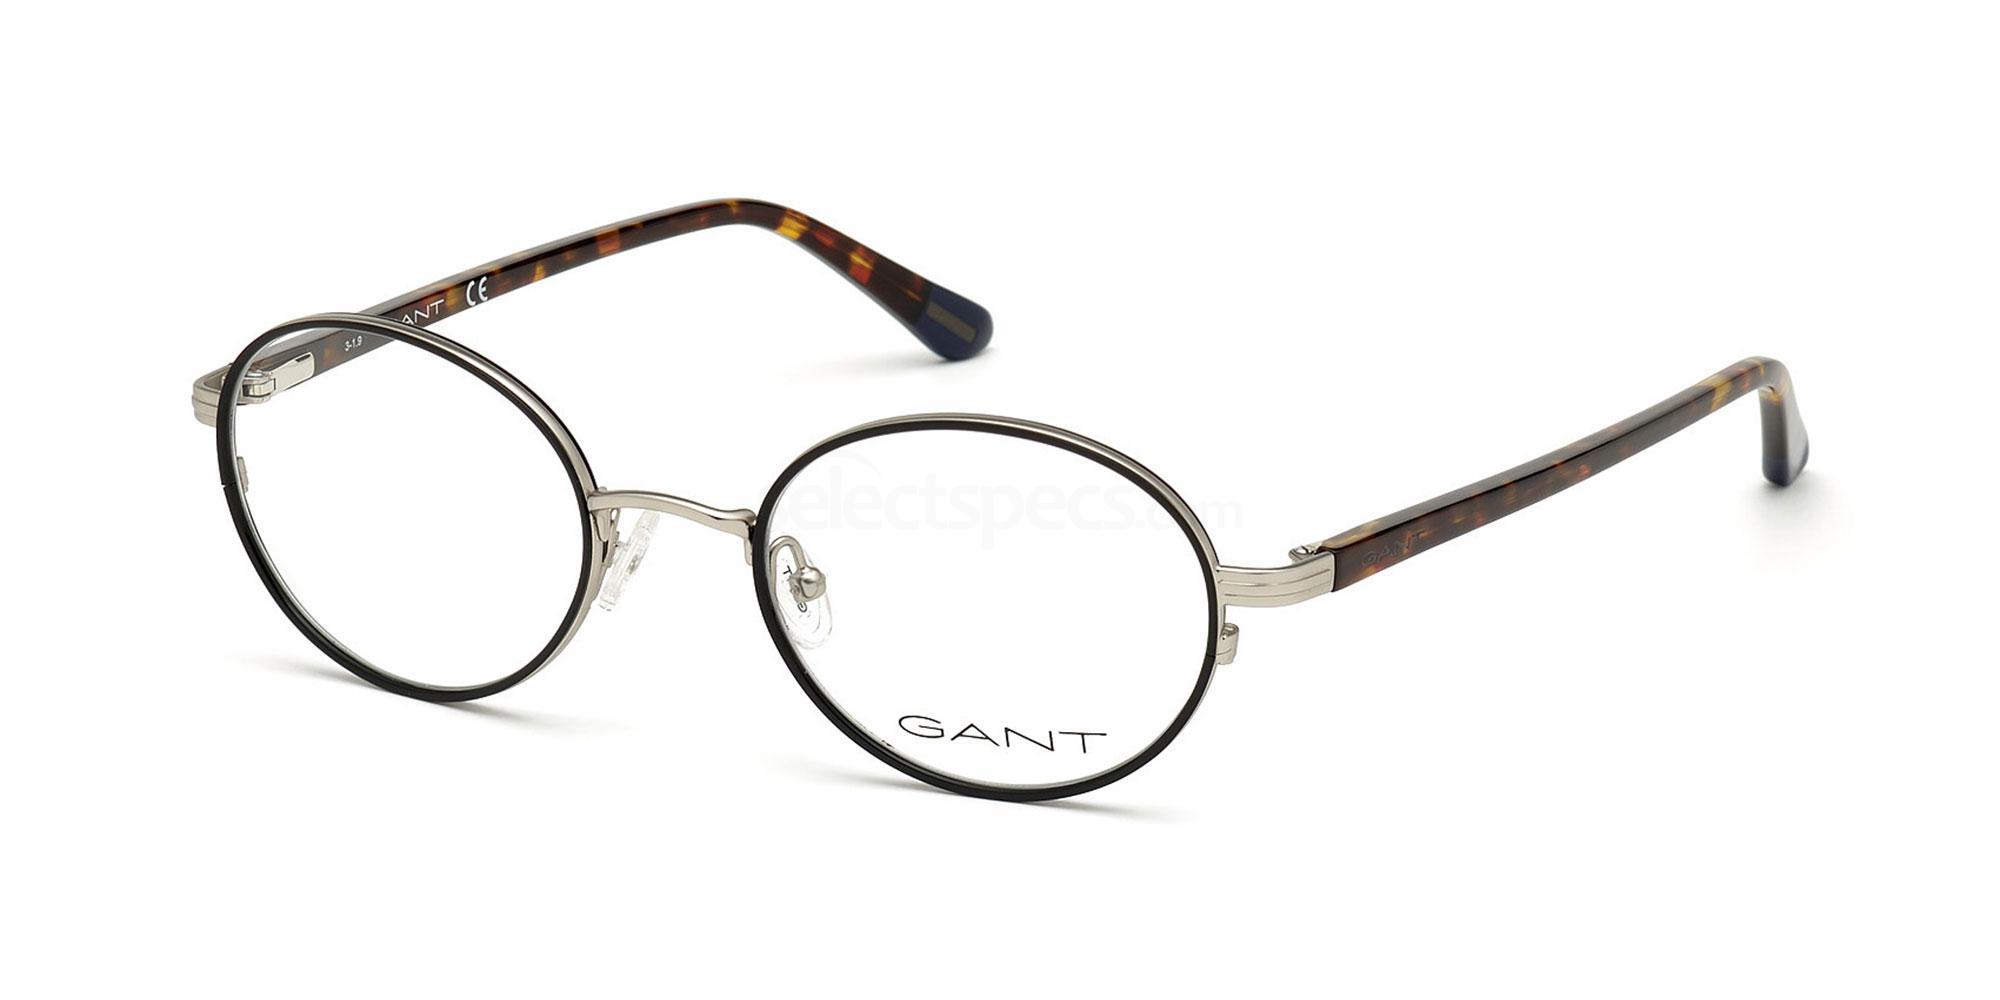 001 GA3203 Glasses, Gant